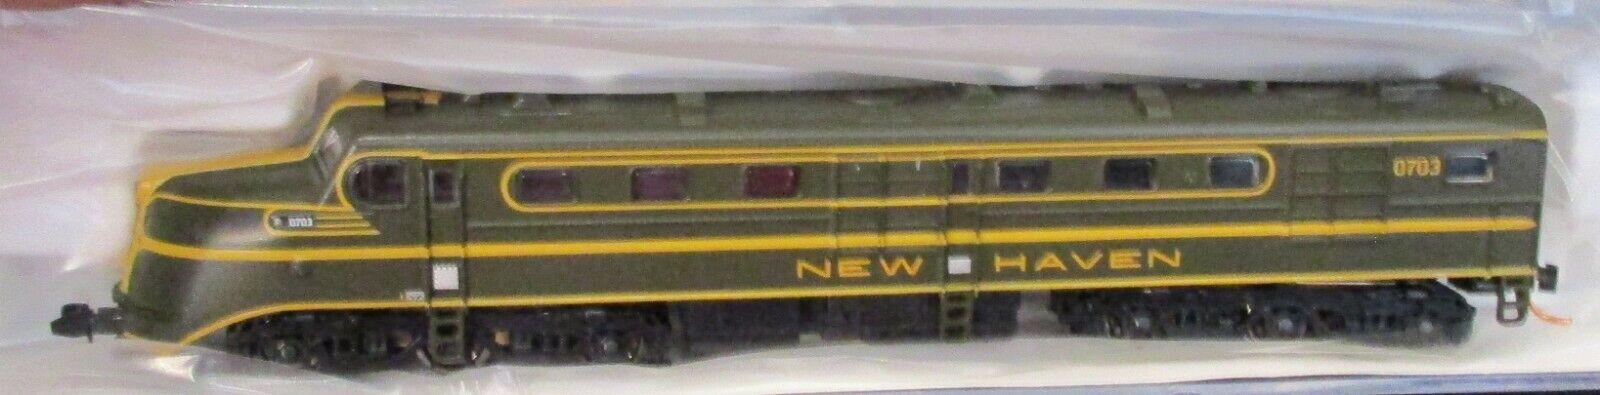 negozio di vendita outlet N Scale Walthers  N N N - DL-109 nuovo Haven  Railstrada   0703 DC  929-50201  all'ingrosso economico e di alta qualità